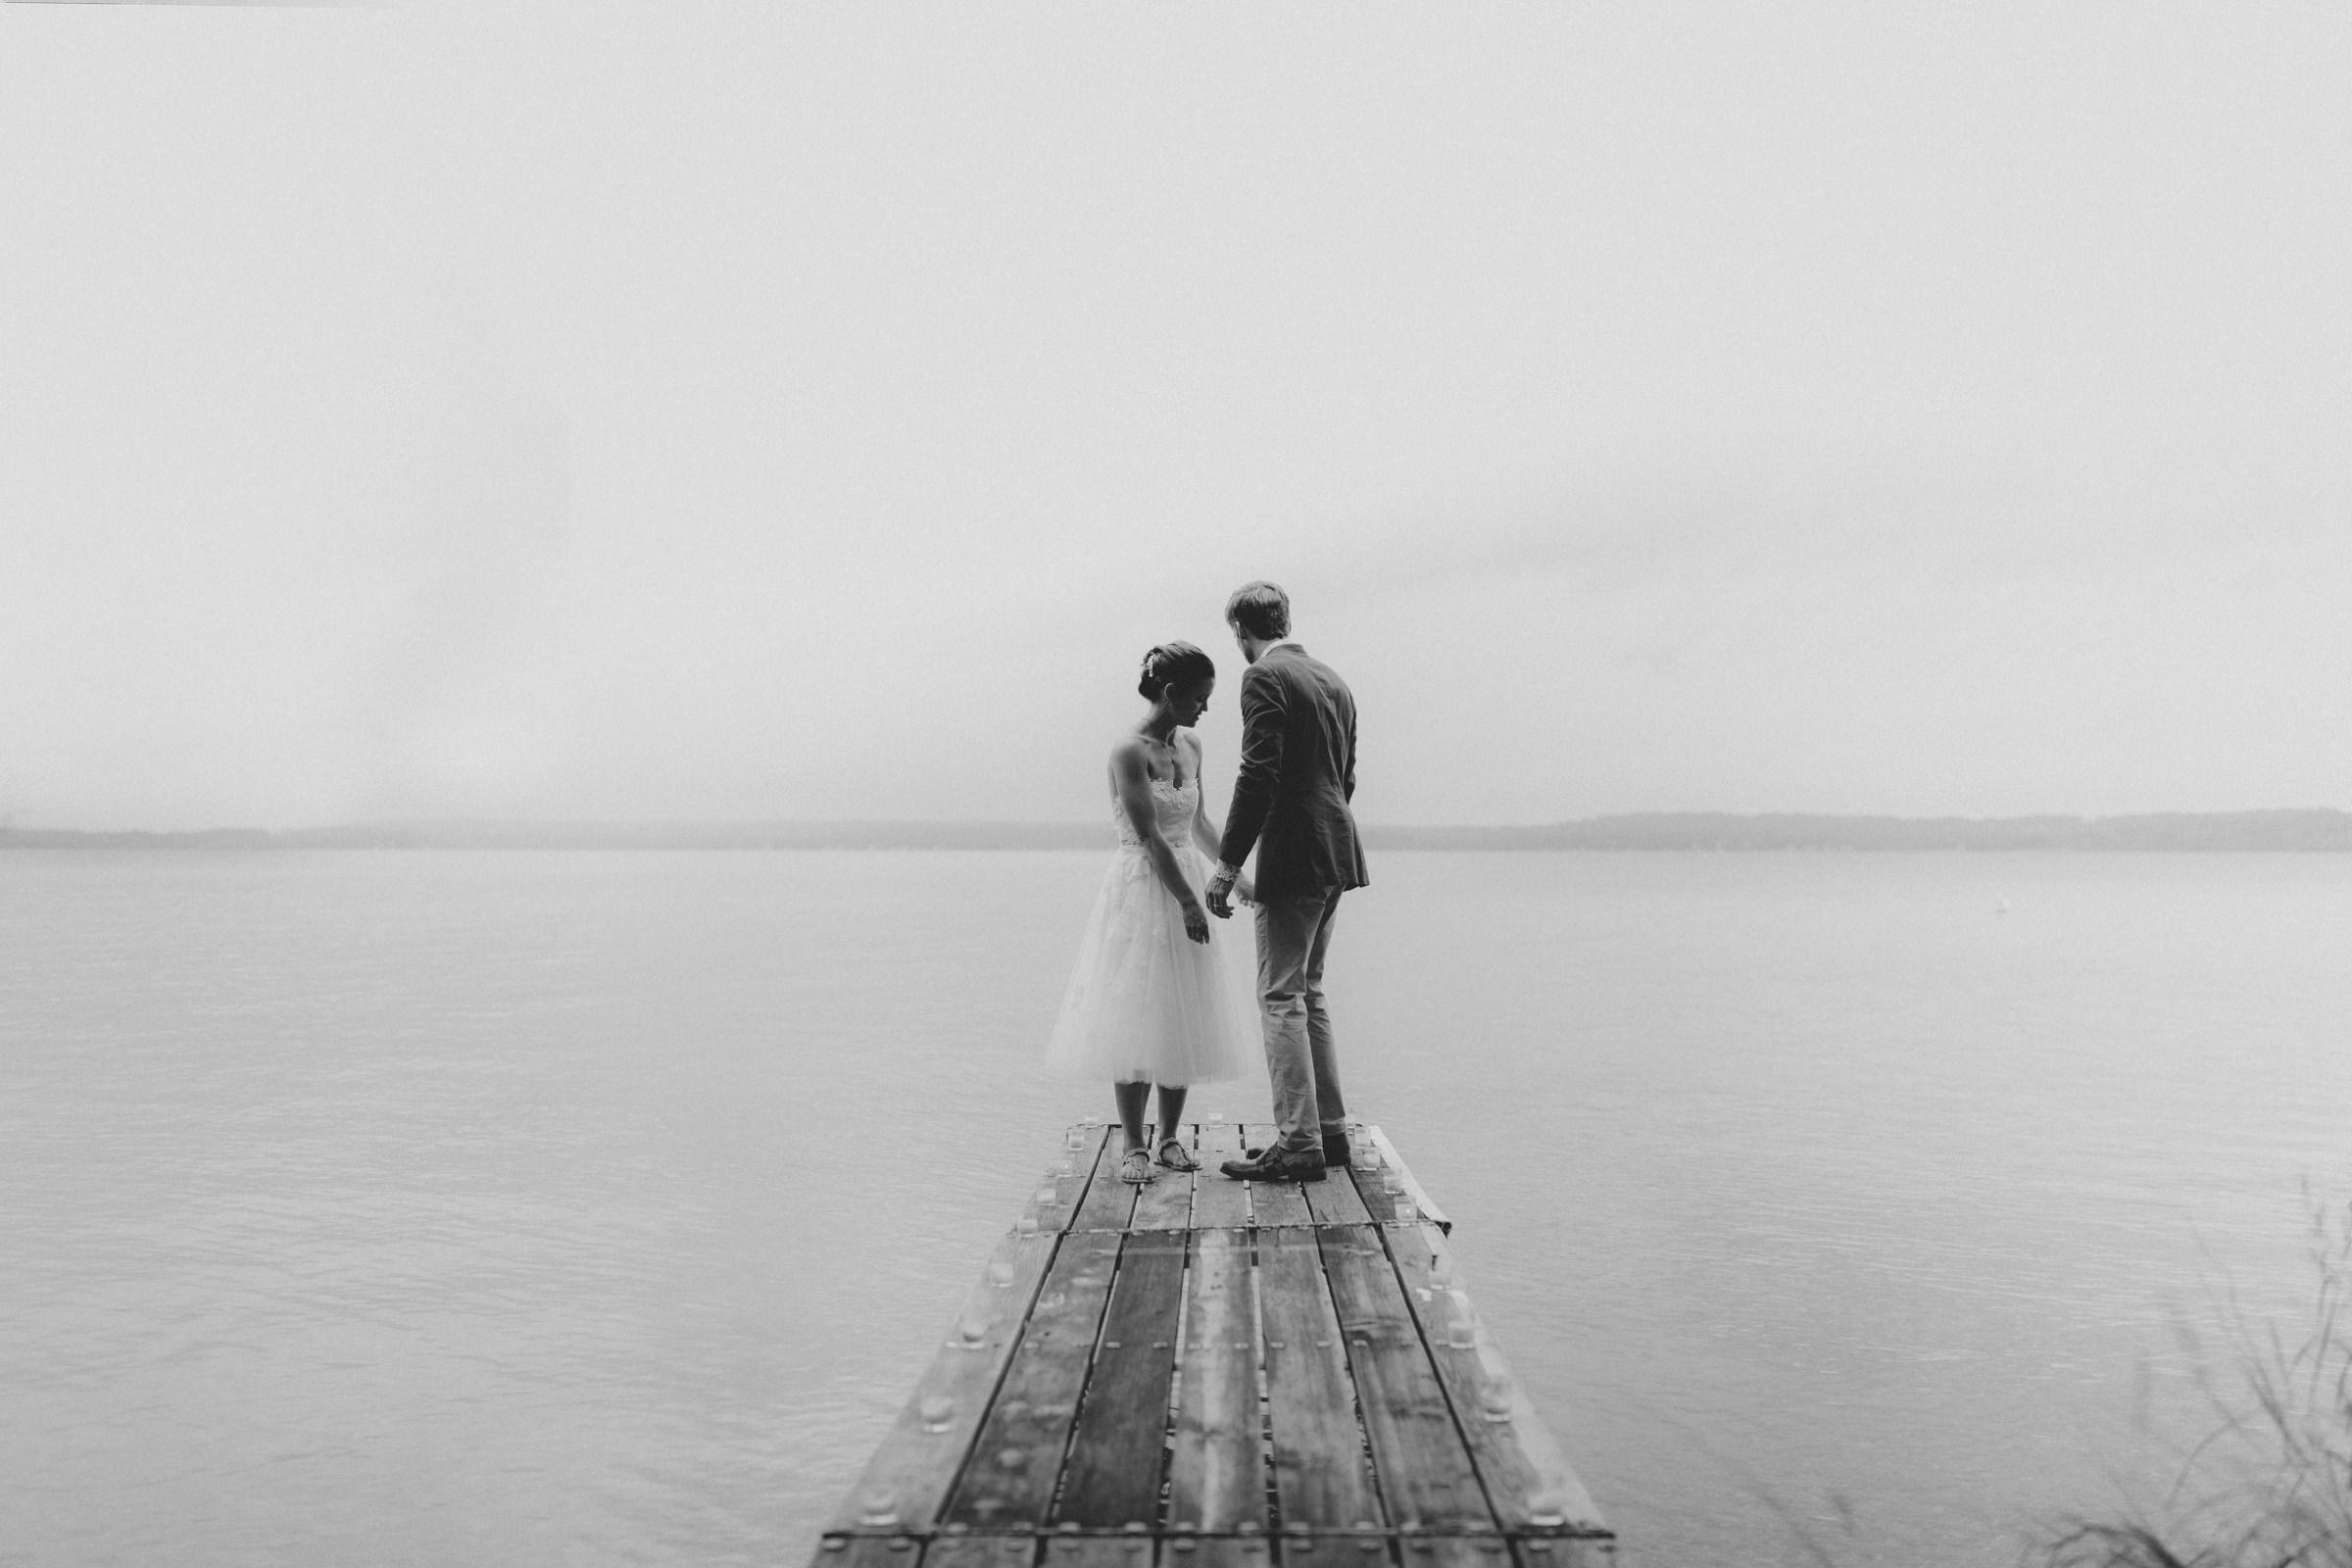 Lake_Michigan_wedding-35.jpg